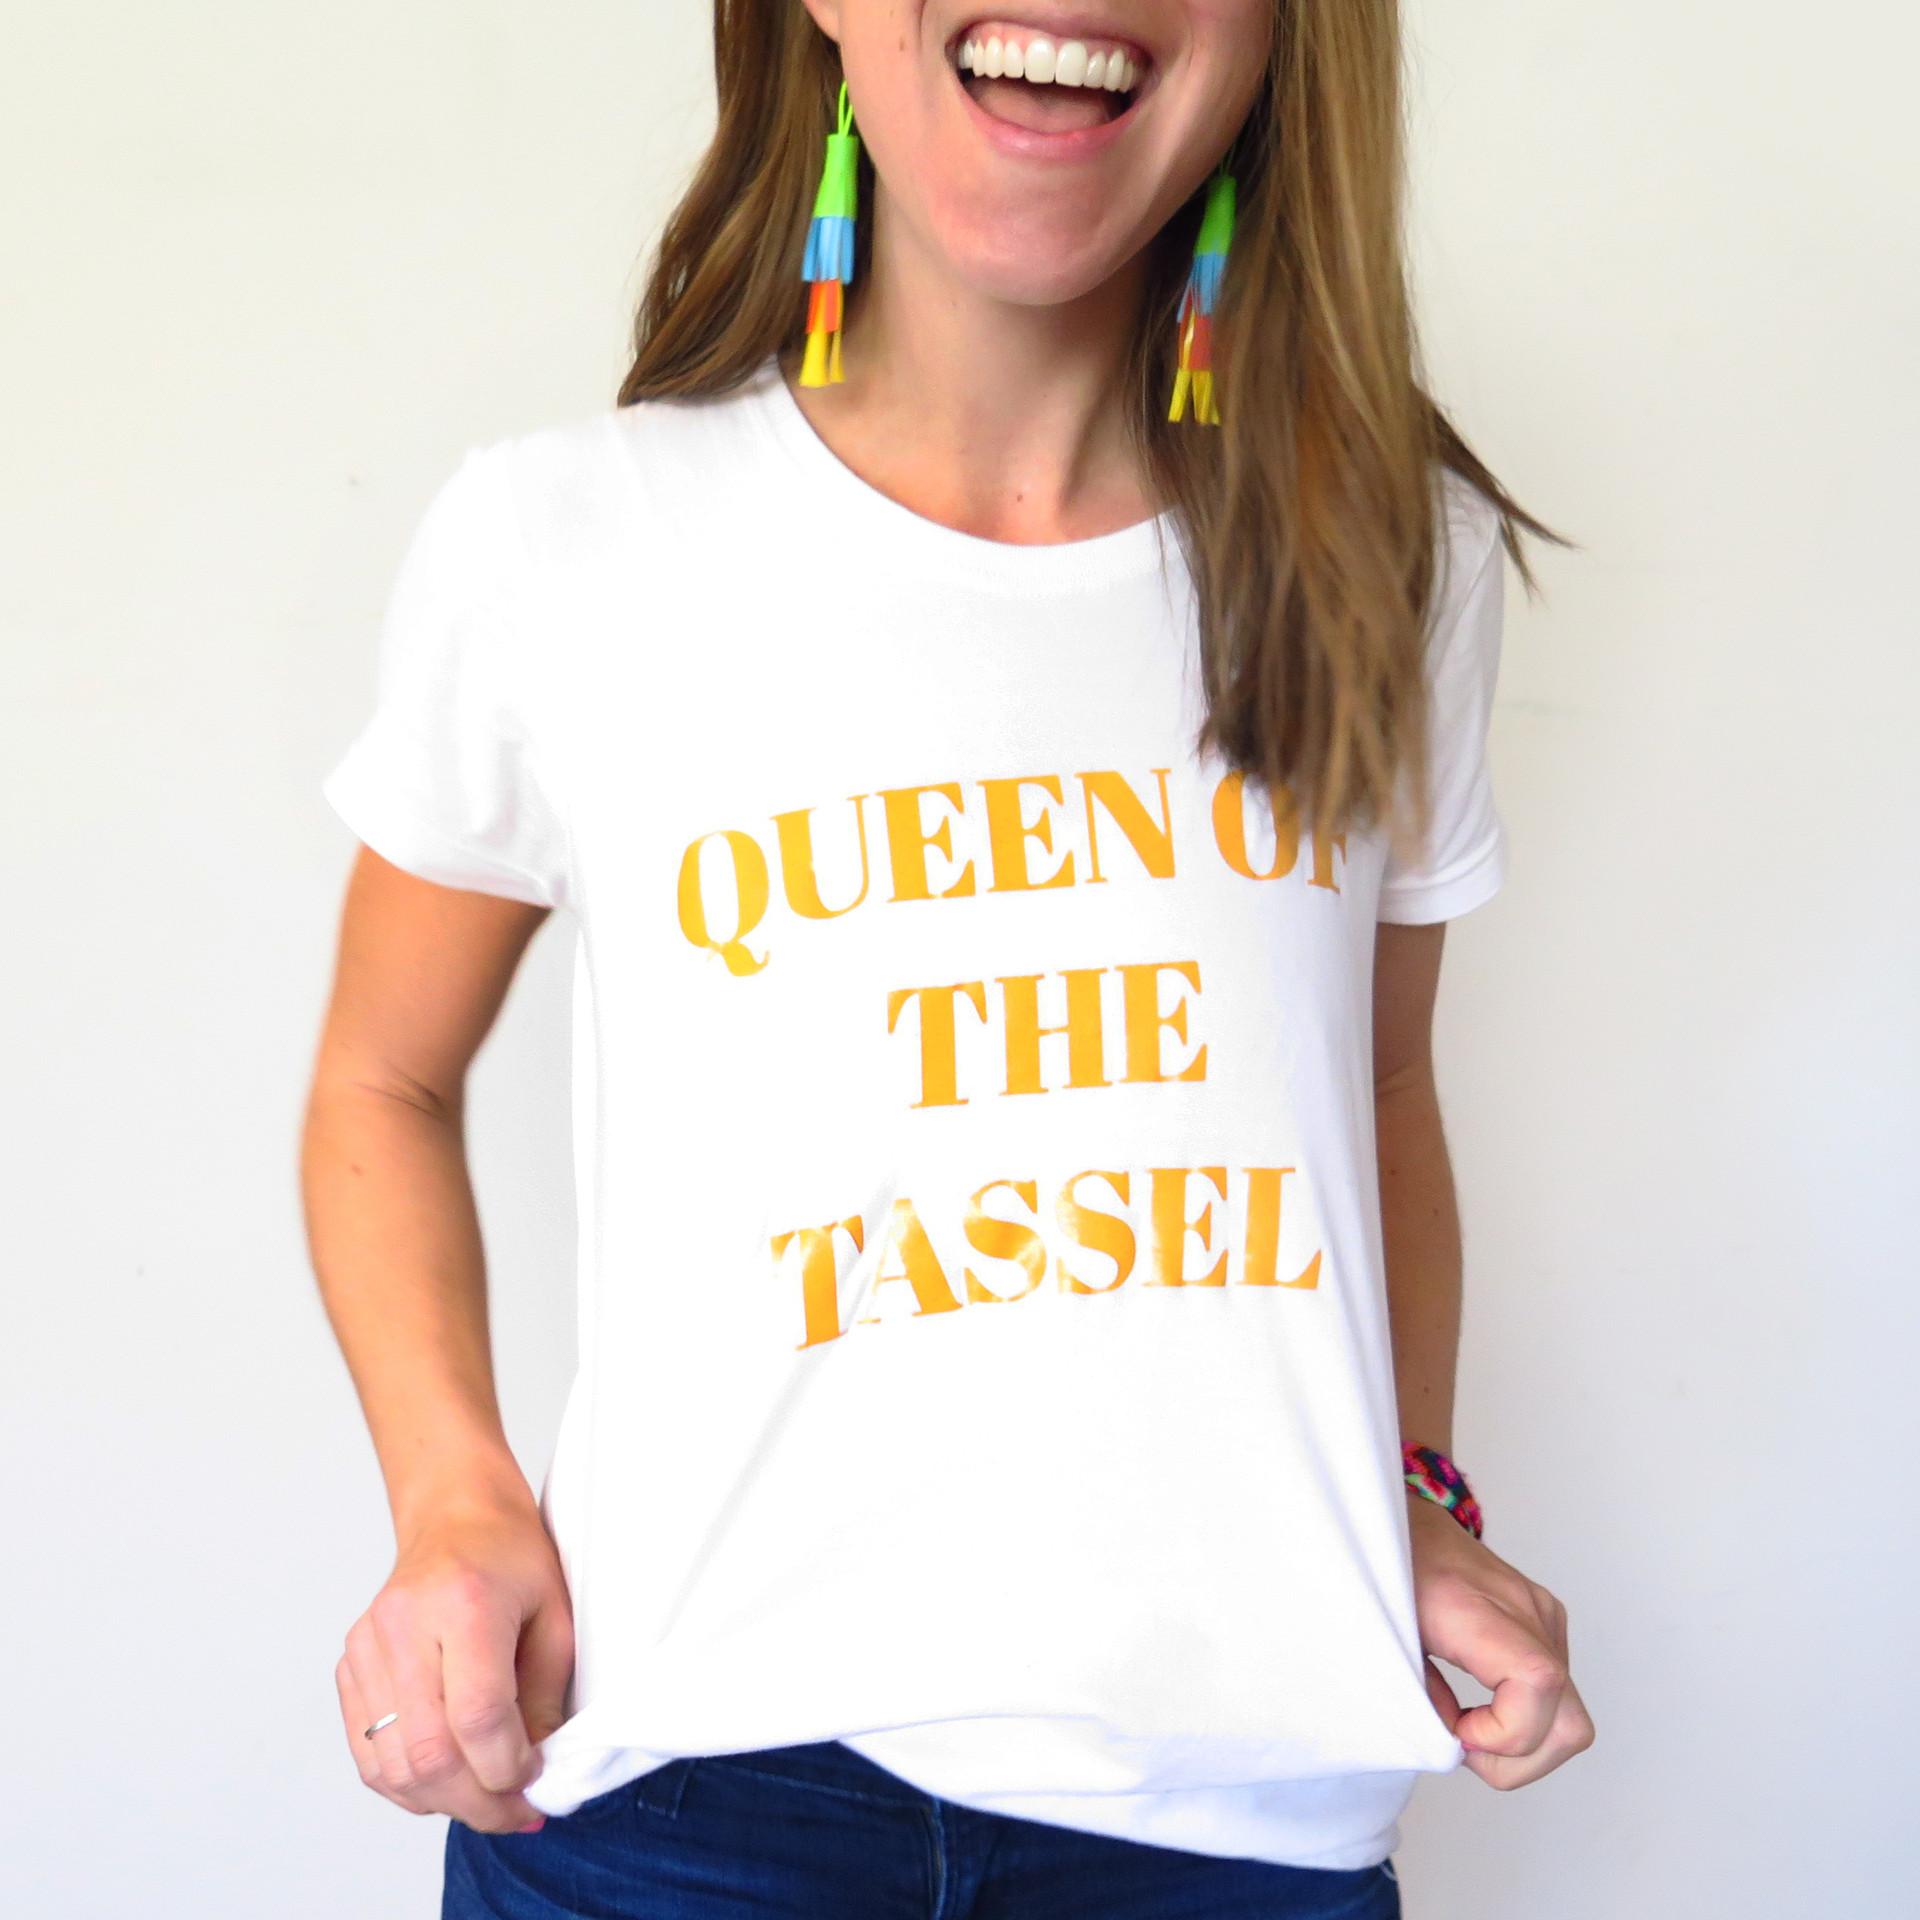 queen of the tassel.jpg